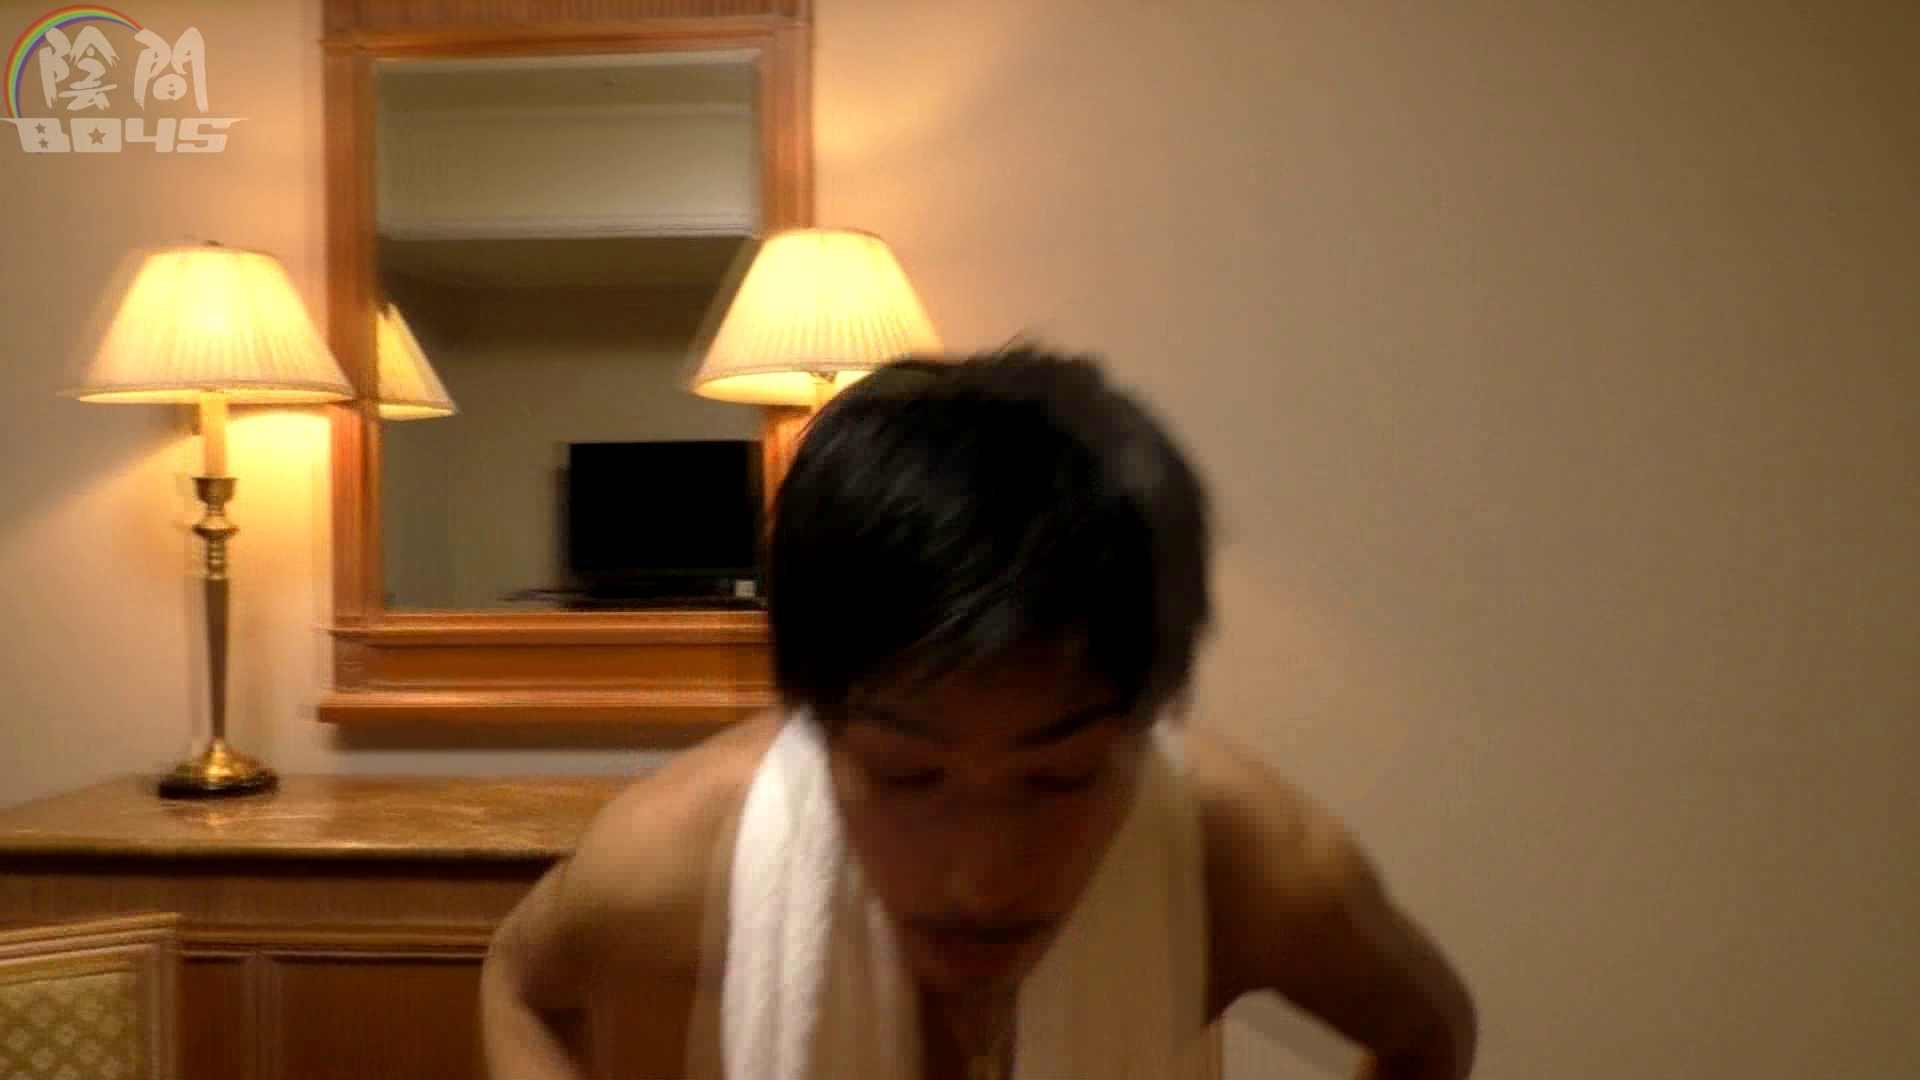 陰間BOYS~「アナルだけは許して…」~02 ハメ撮り放出 ゲイエロ動画 105pic 5